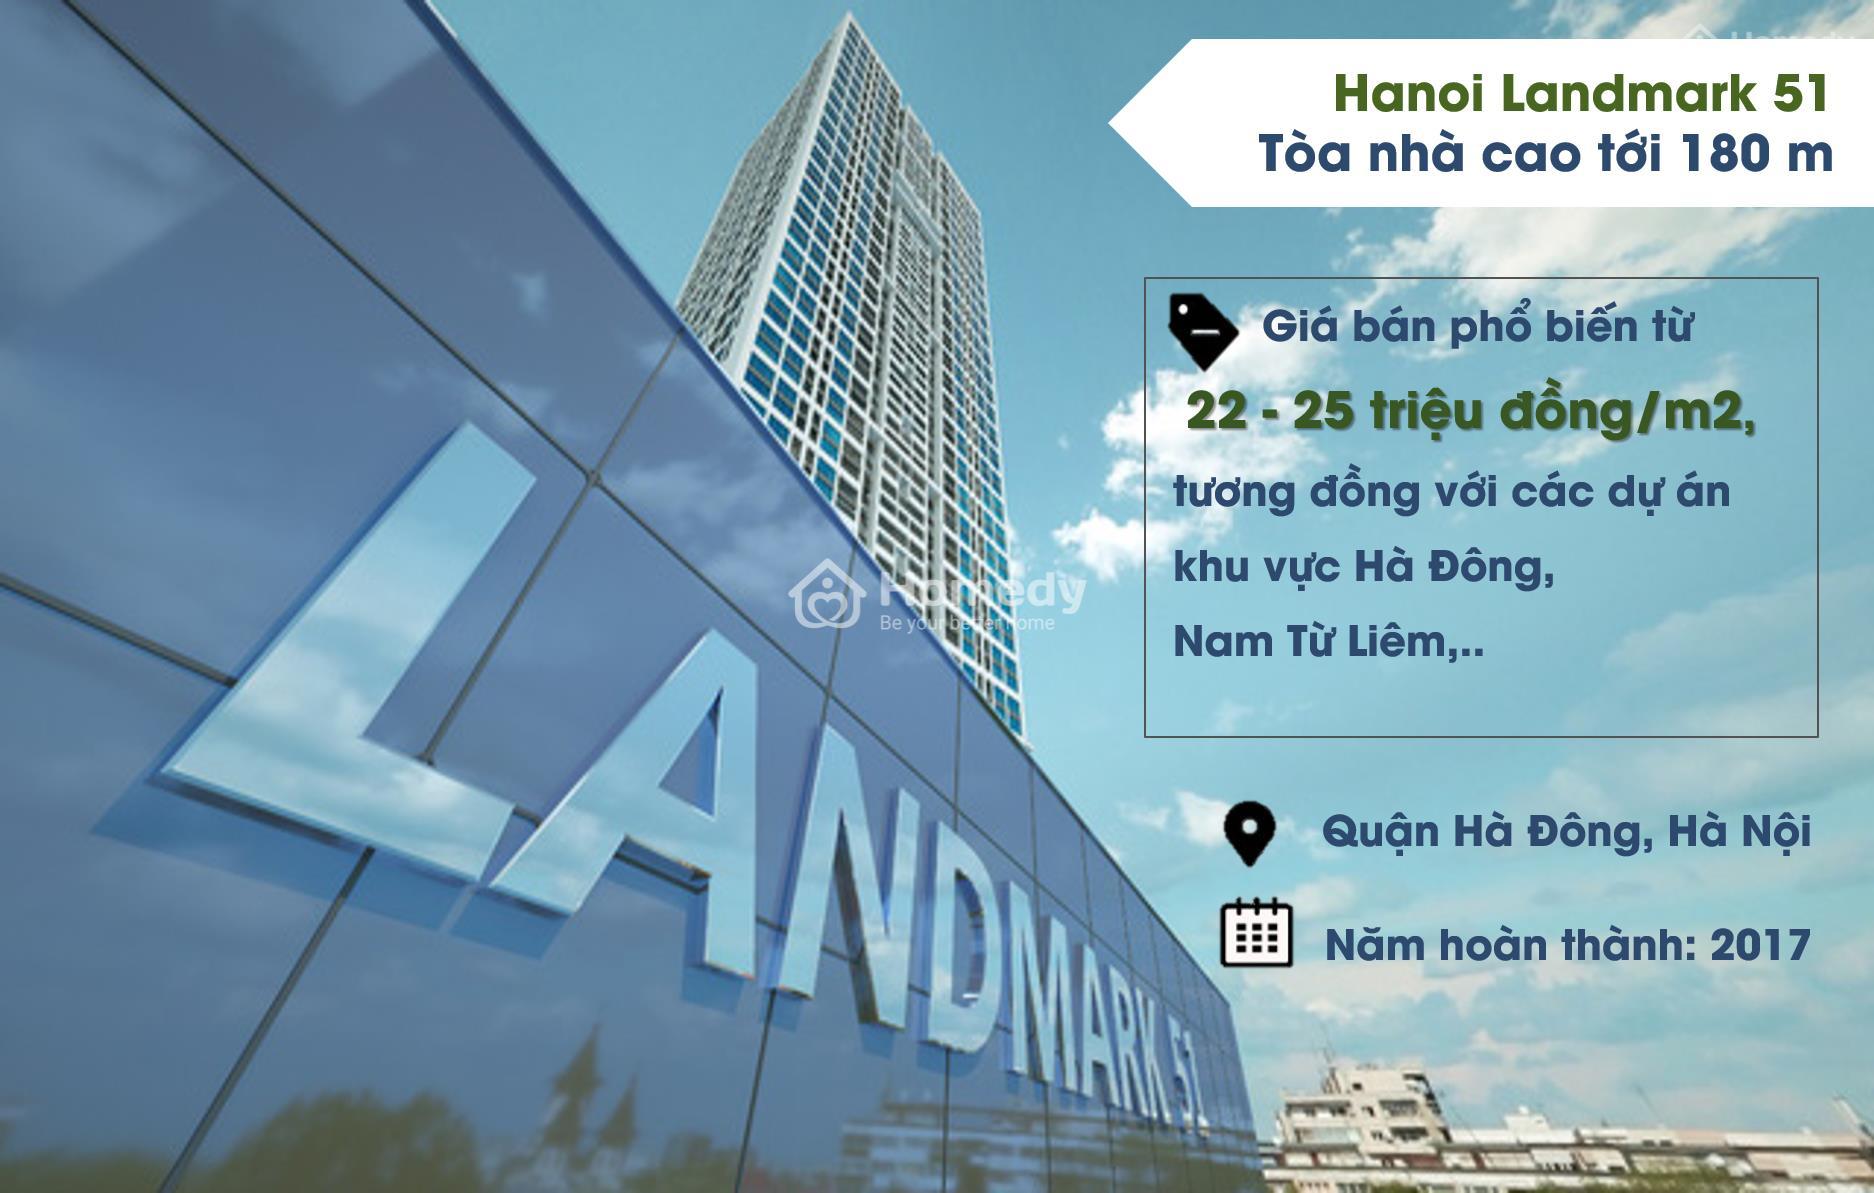 landmark 51